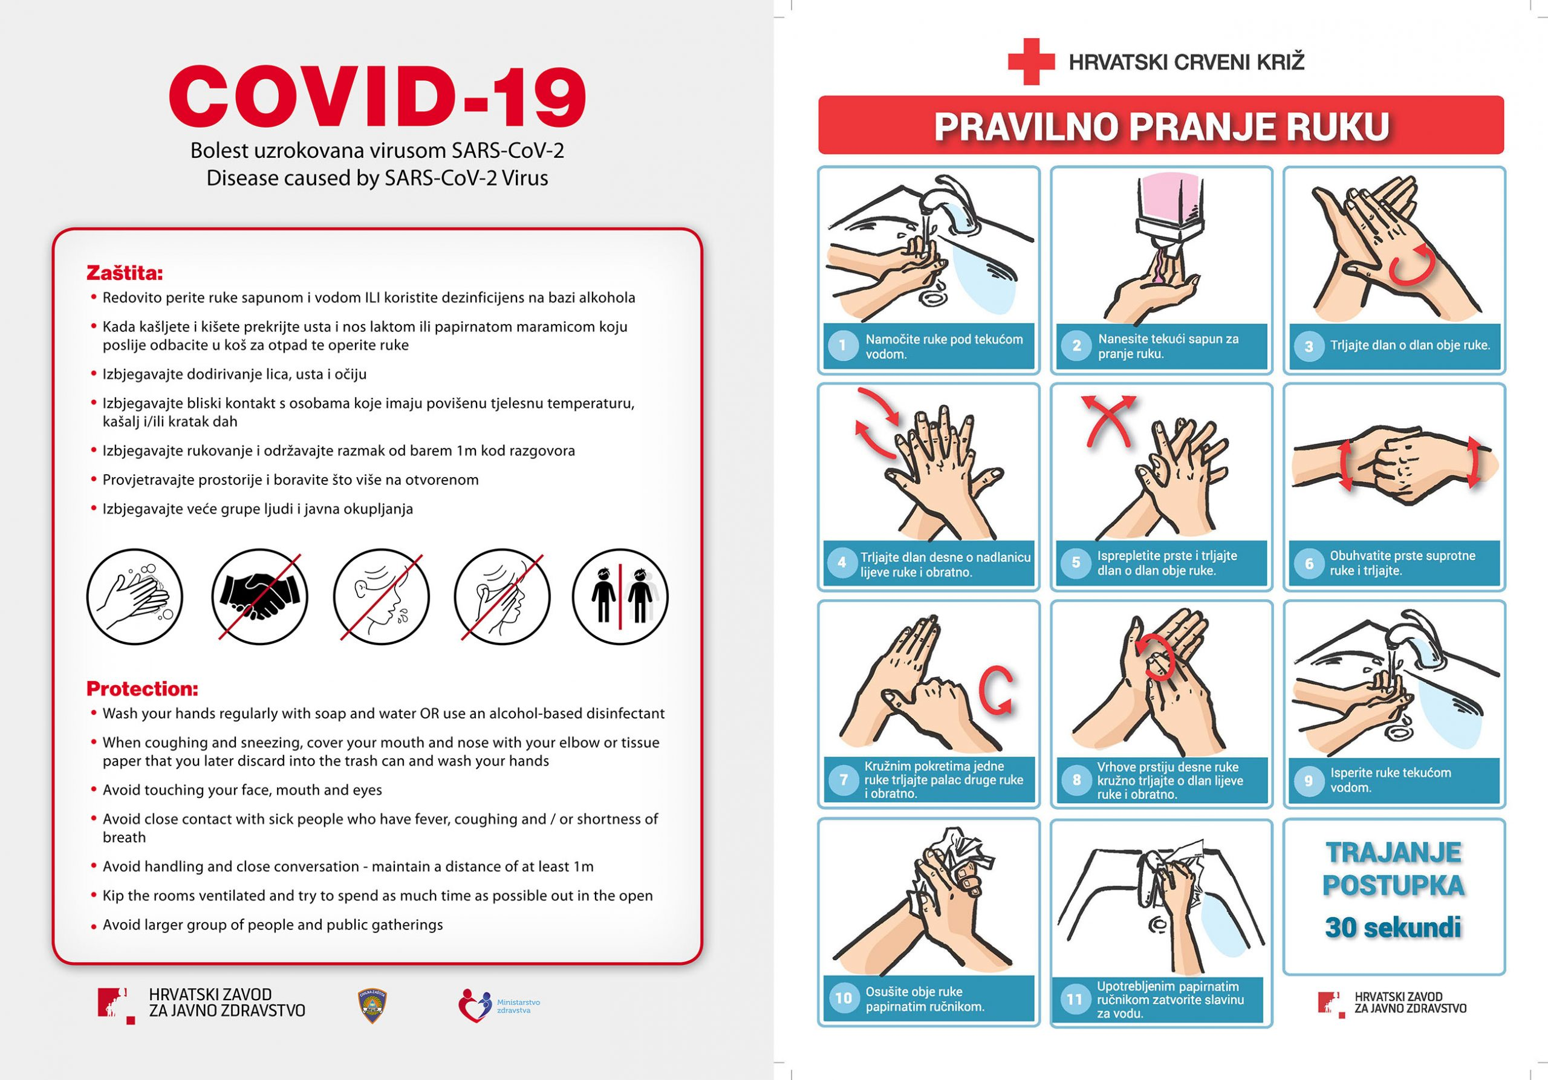 Mjere zaštite od zaraze COVID-19+ (coronavirus)